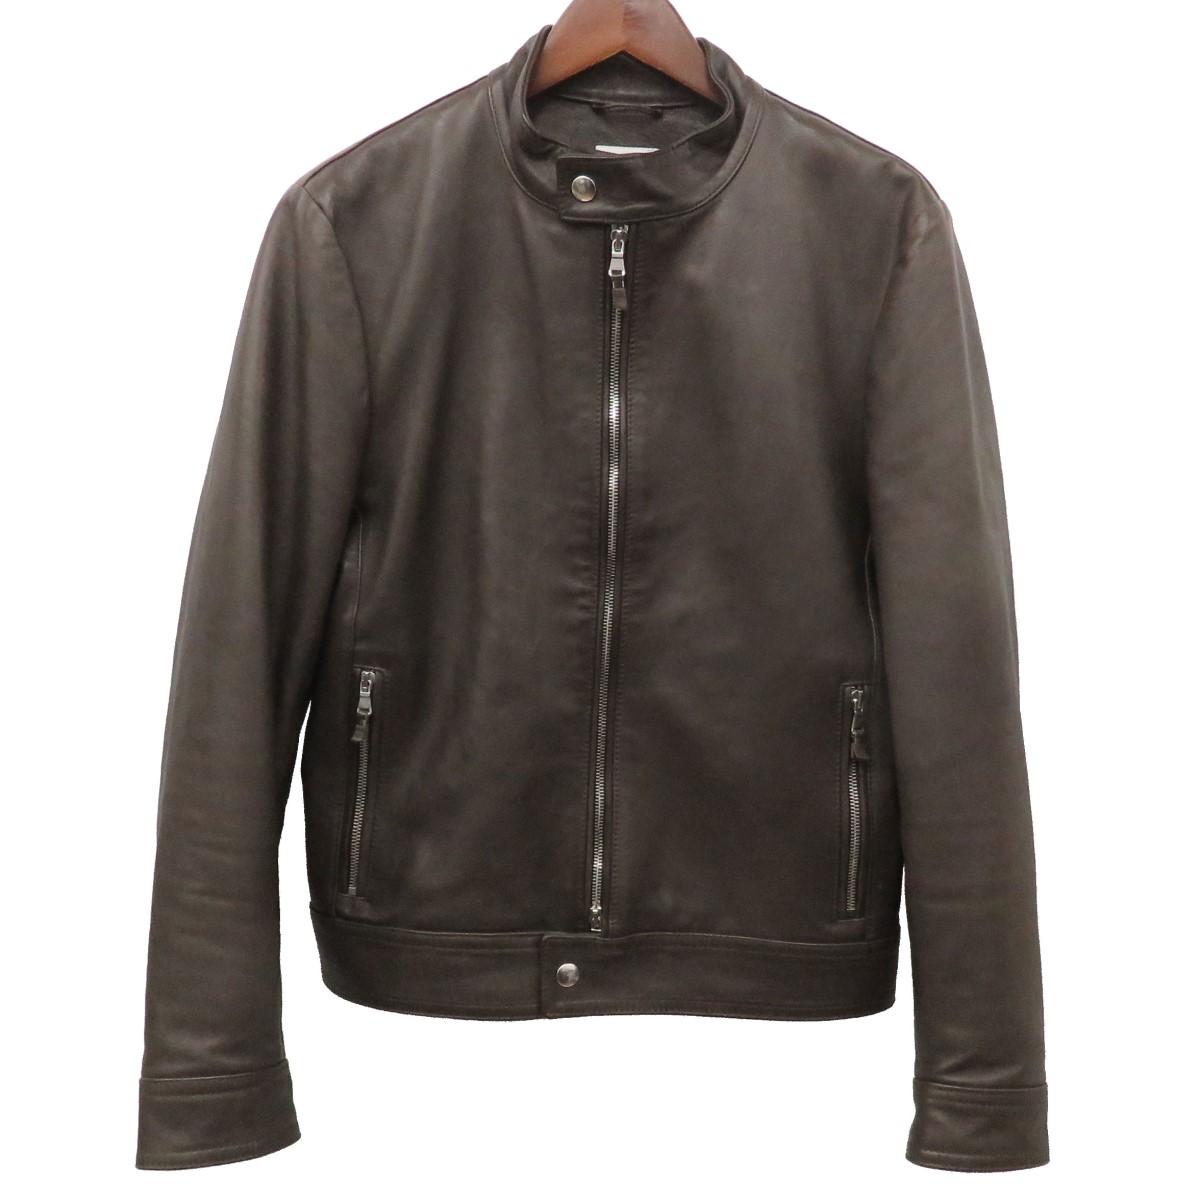 【中古】EMMETI ANDREA シングルライダースジャケット 中綿レザーブルゾン ブラウン サイズ:44 【160420】(エンメティ)